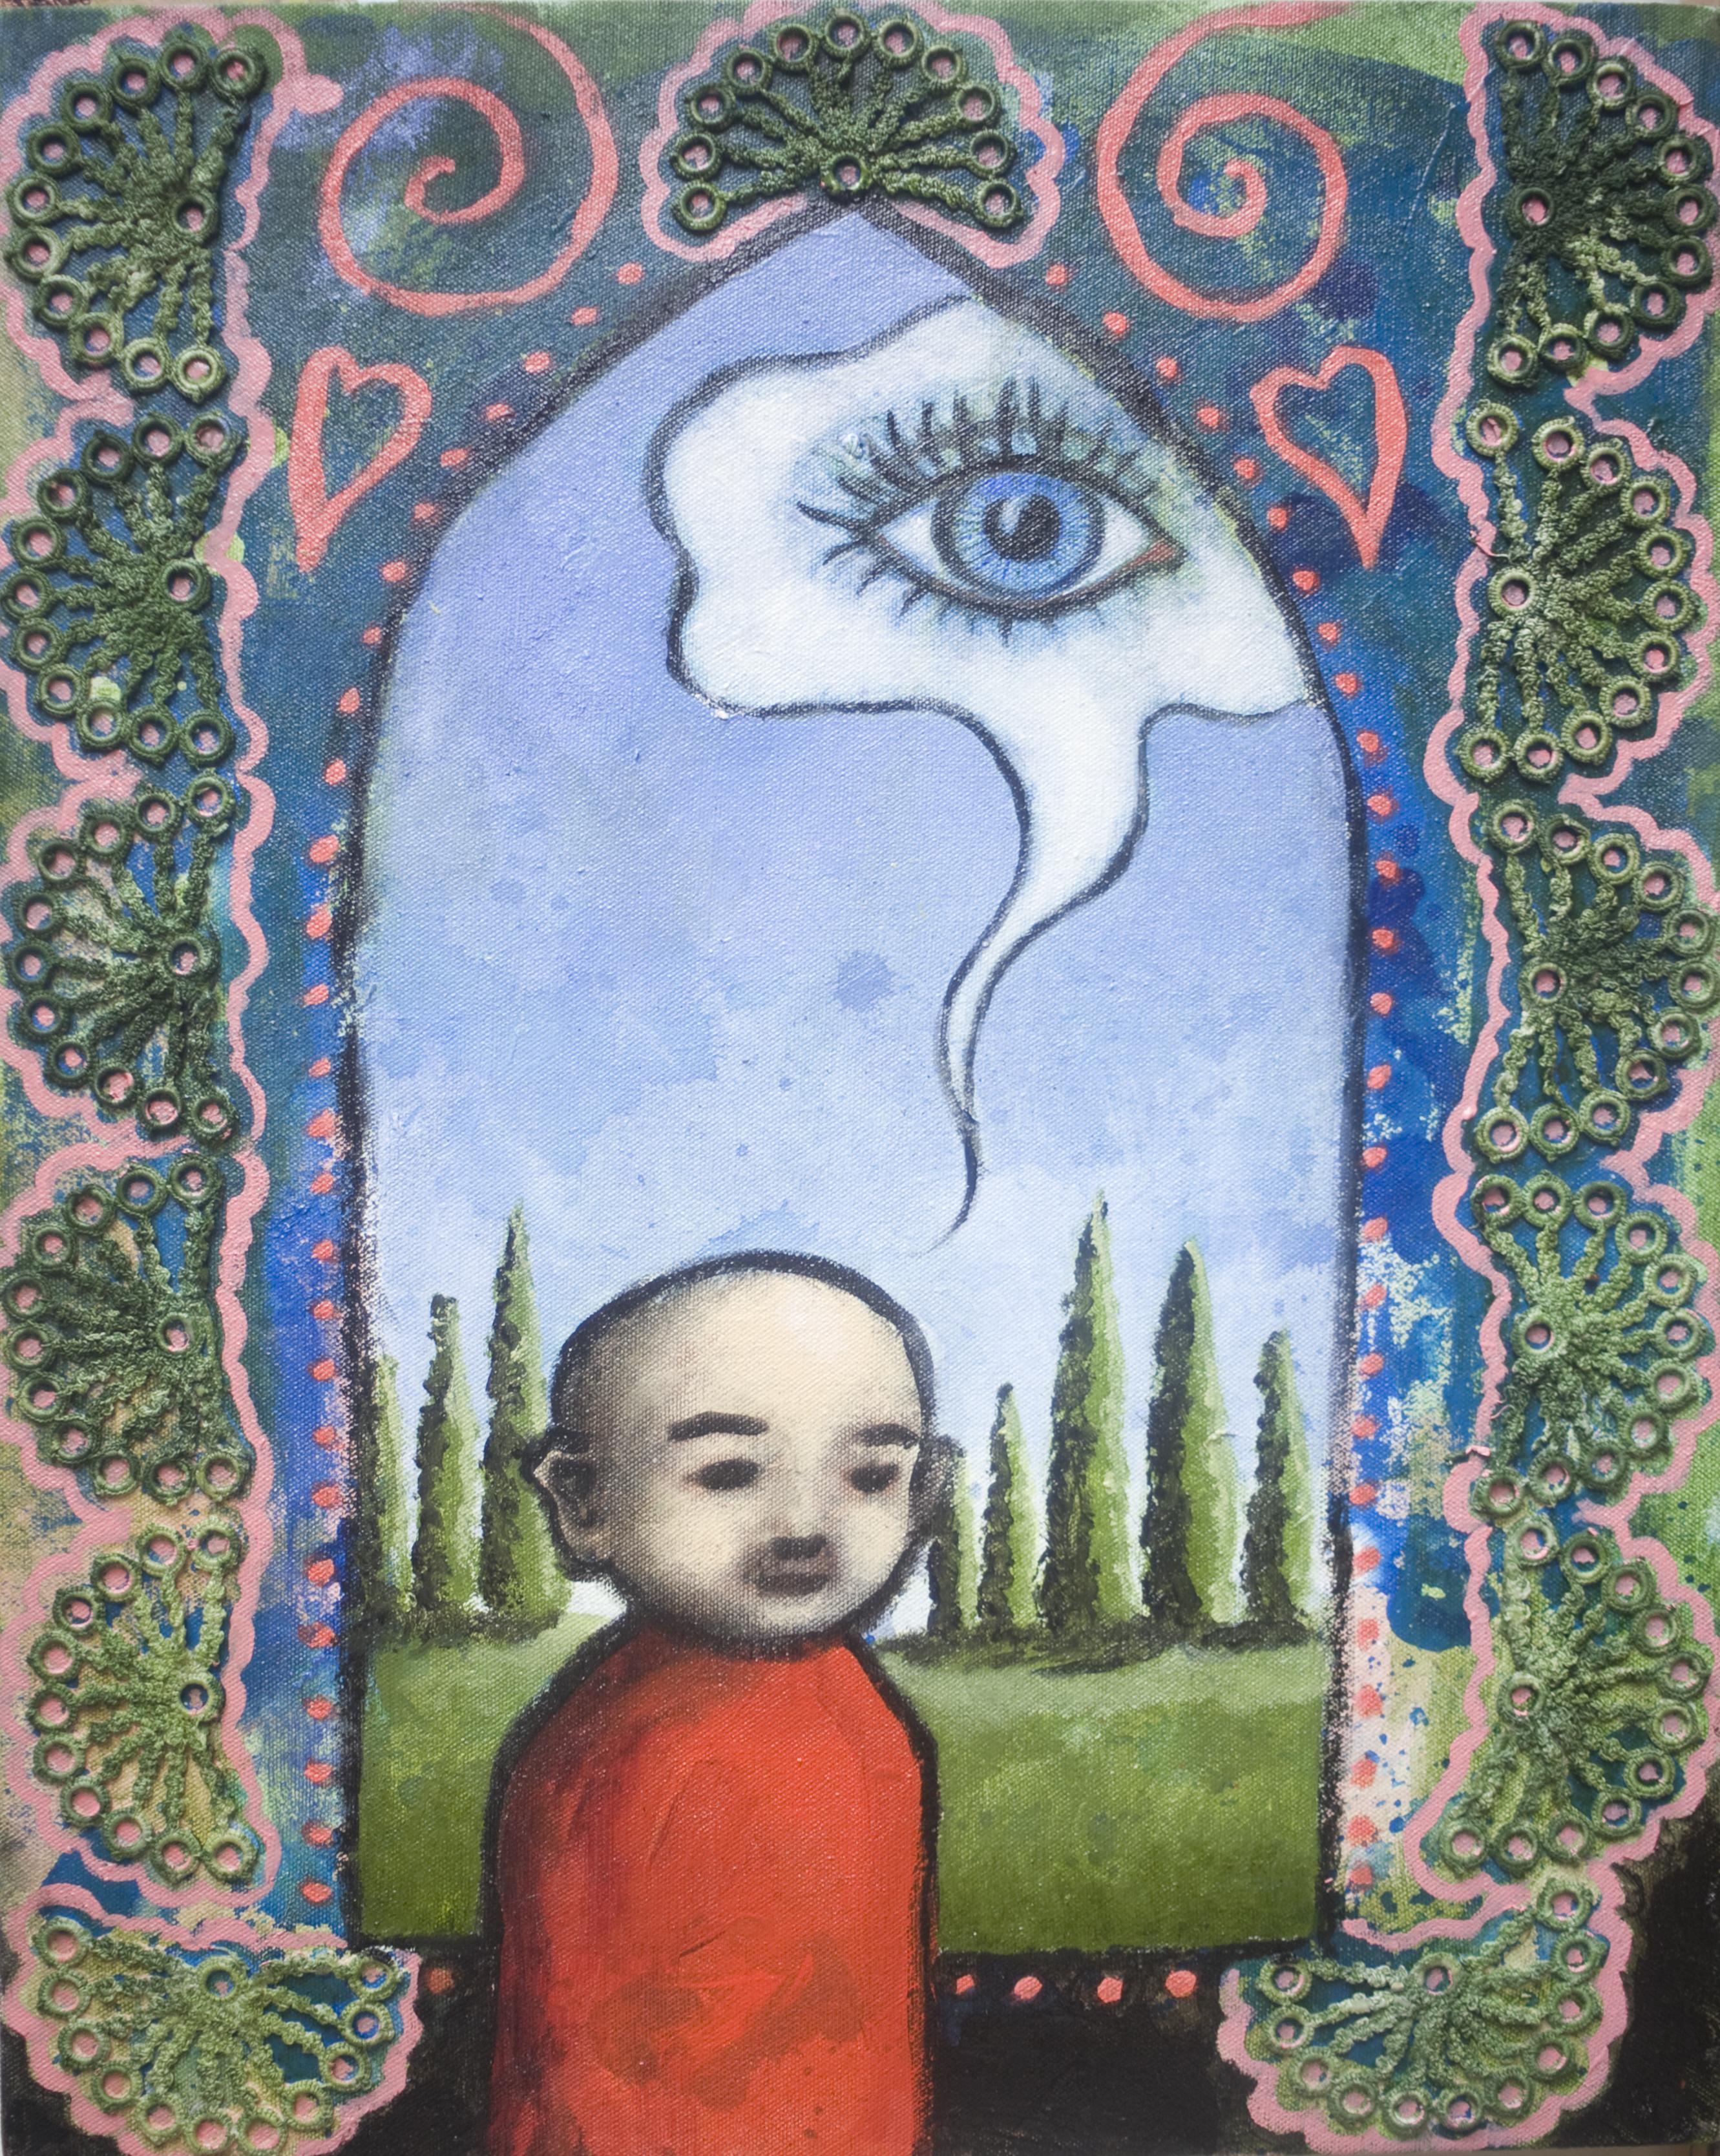 Eye Dream (Eyelet)